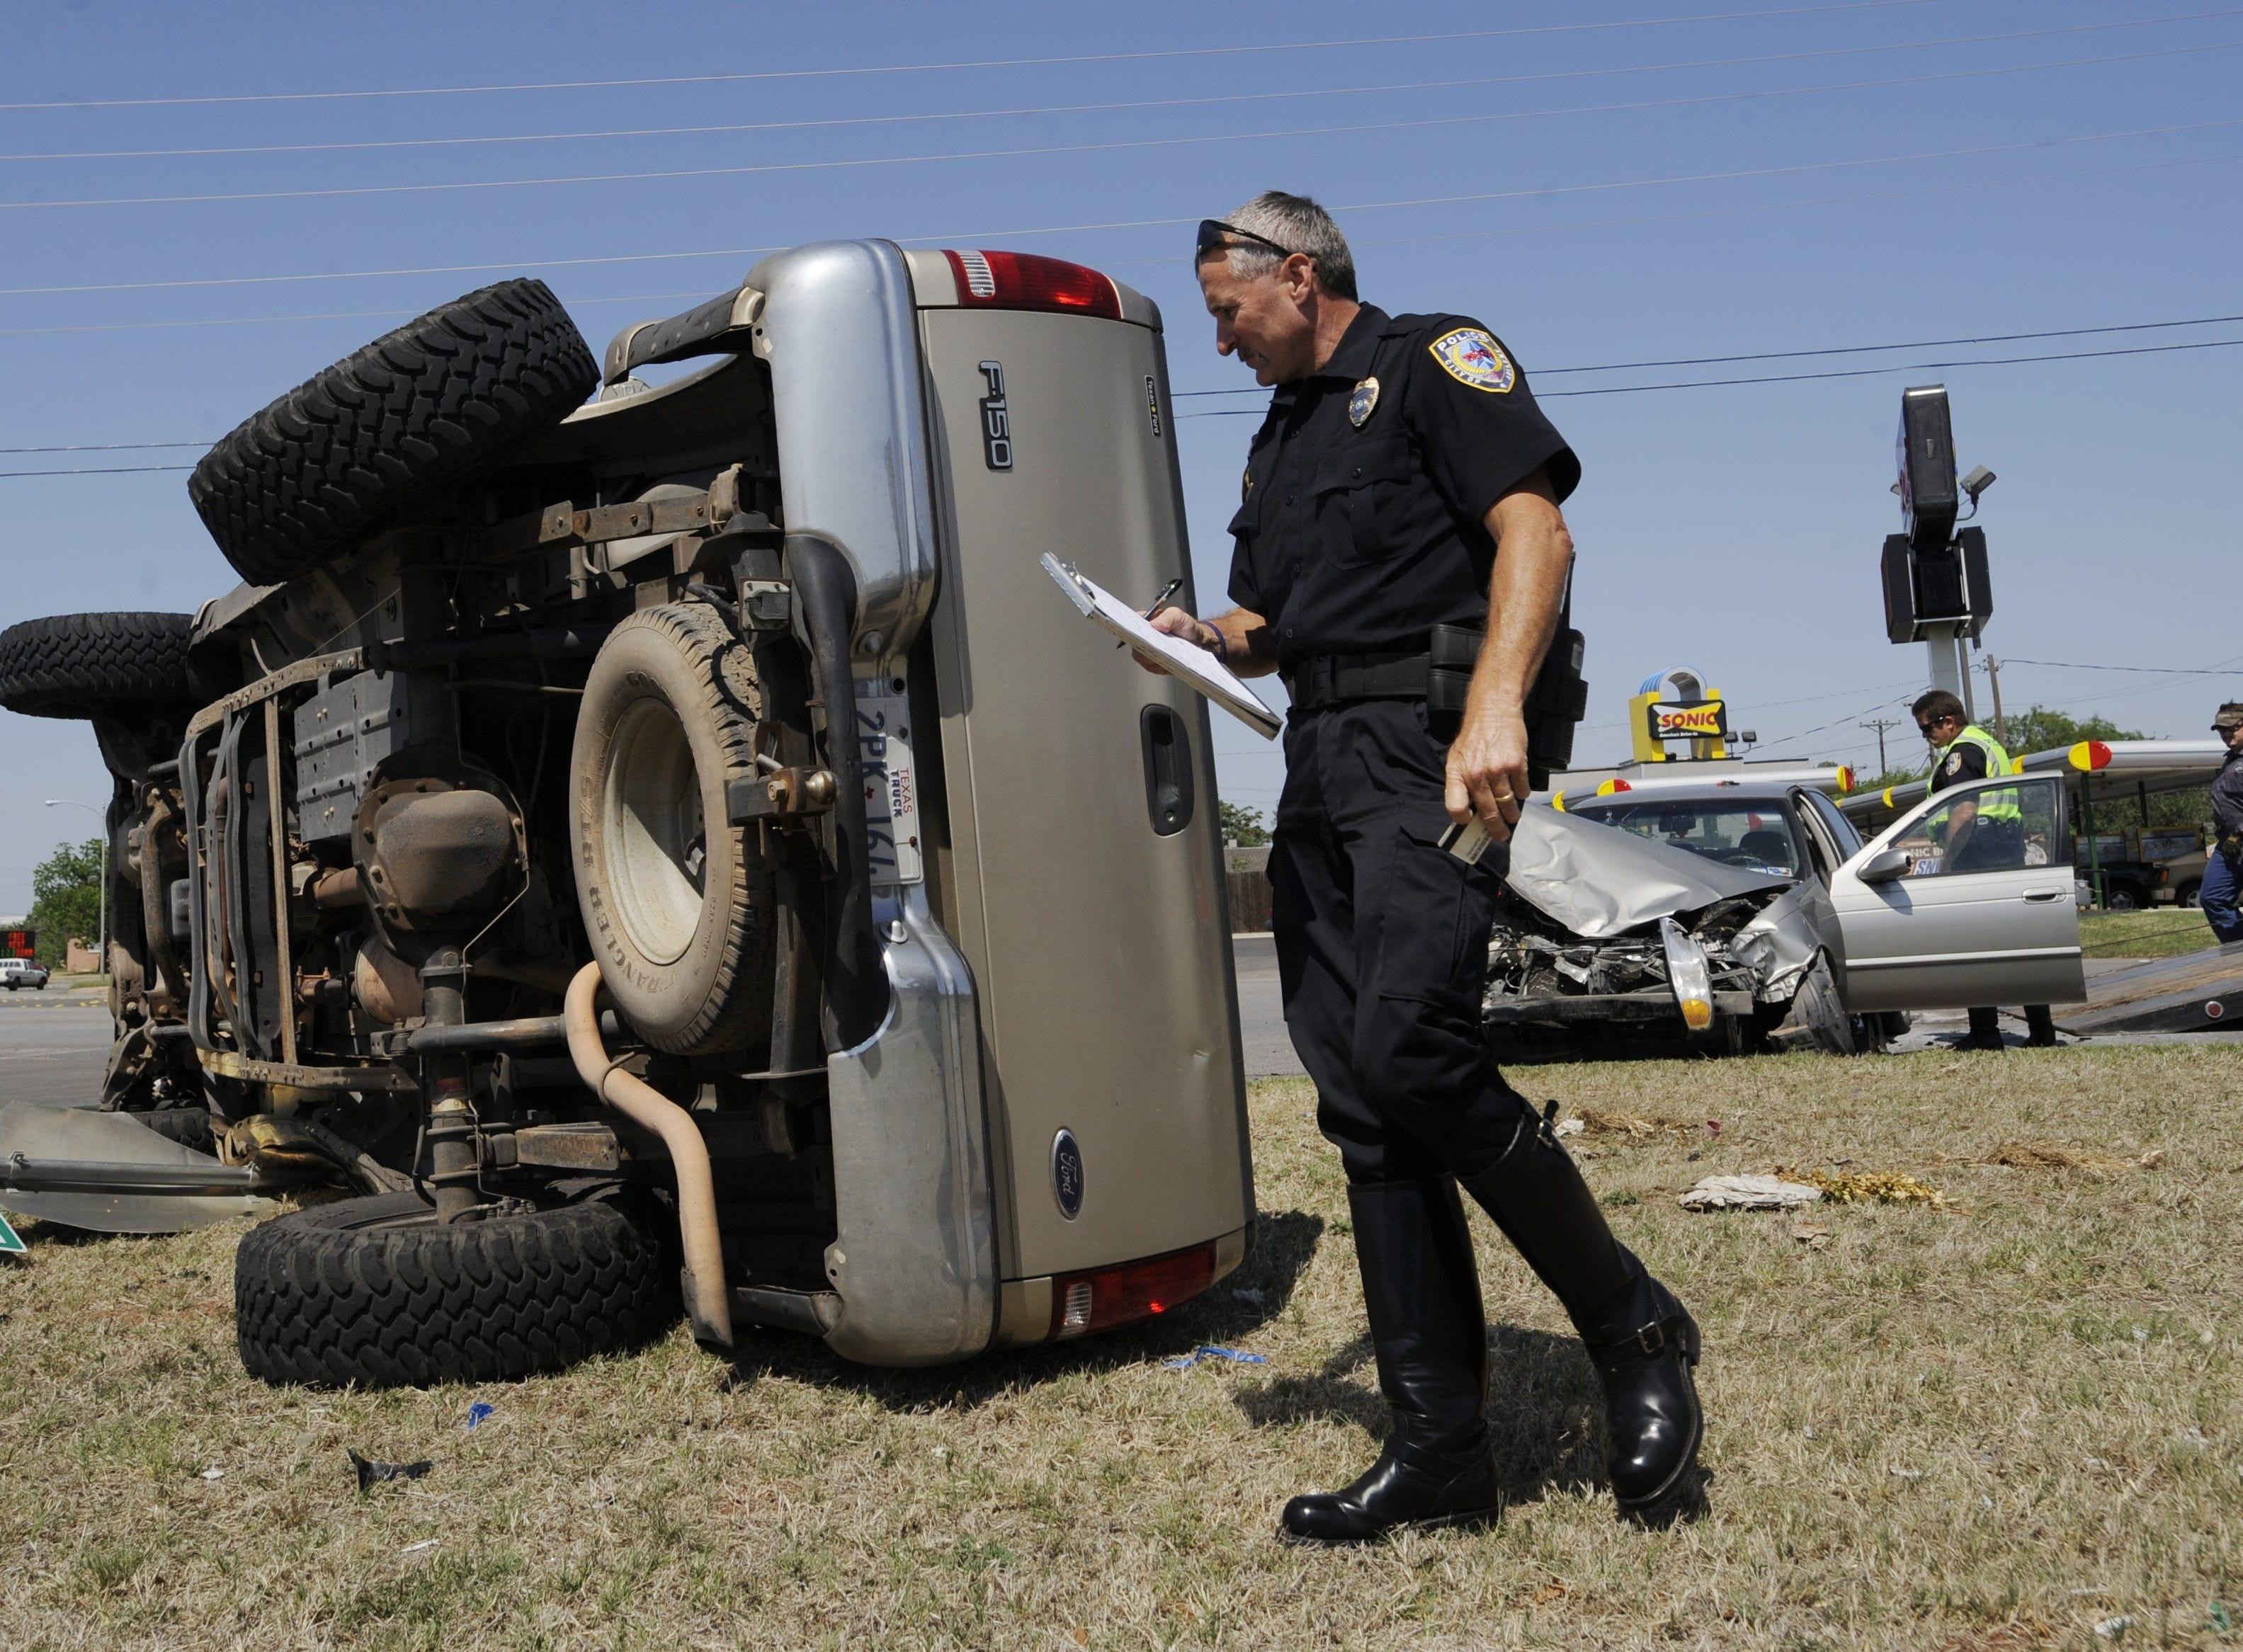 Rodney Holder surveys the scene of an accident.